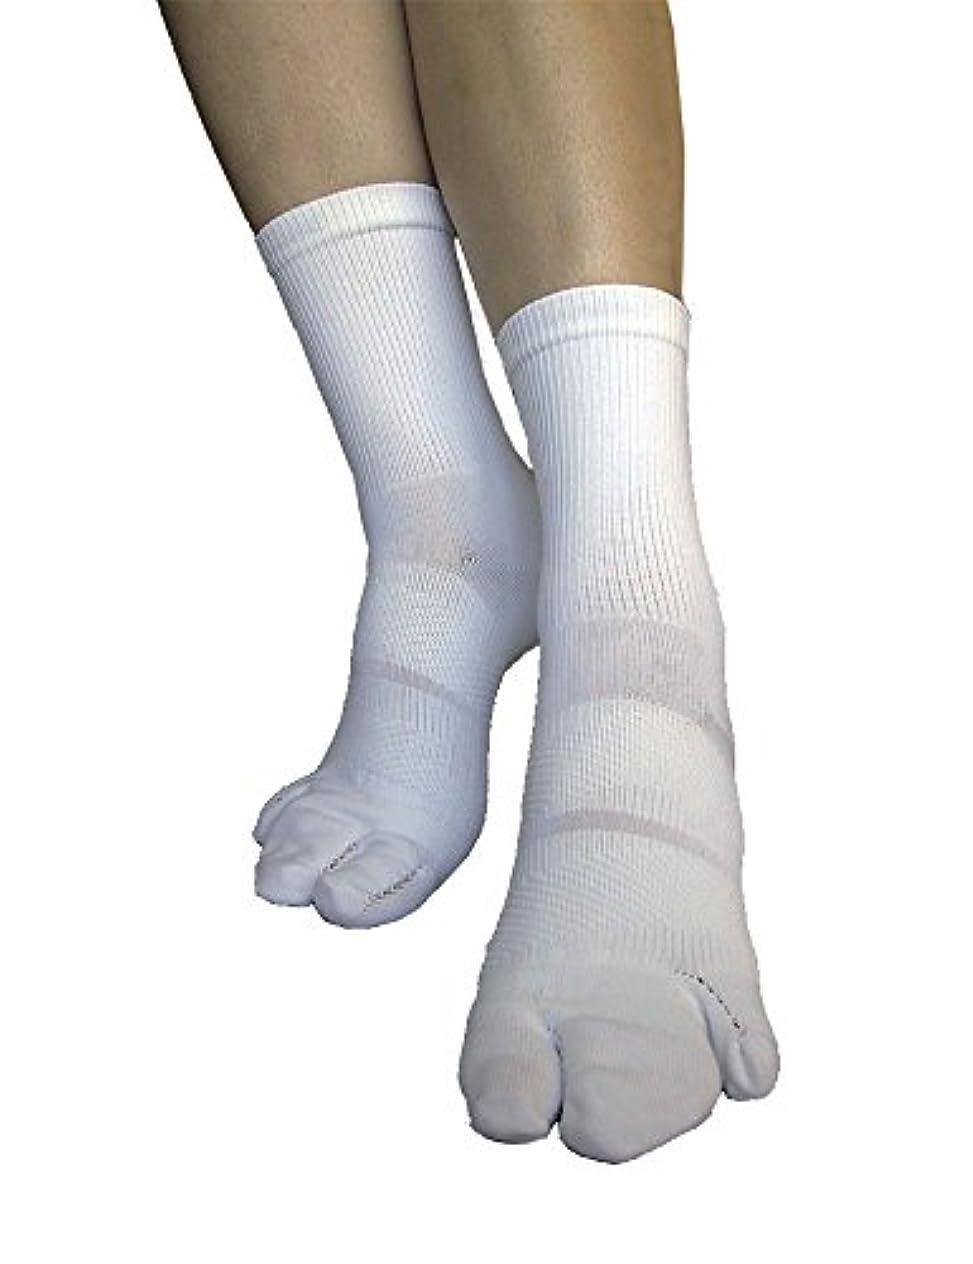 請求可能自分のためにインフレーション外反母趾対策 足首ほっそーり3本指テーピング靴下 M(22-24cm)?ホワイト